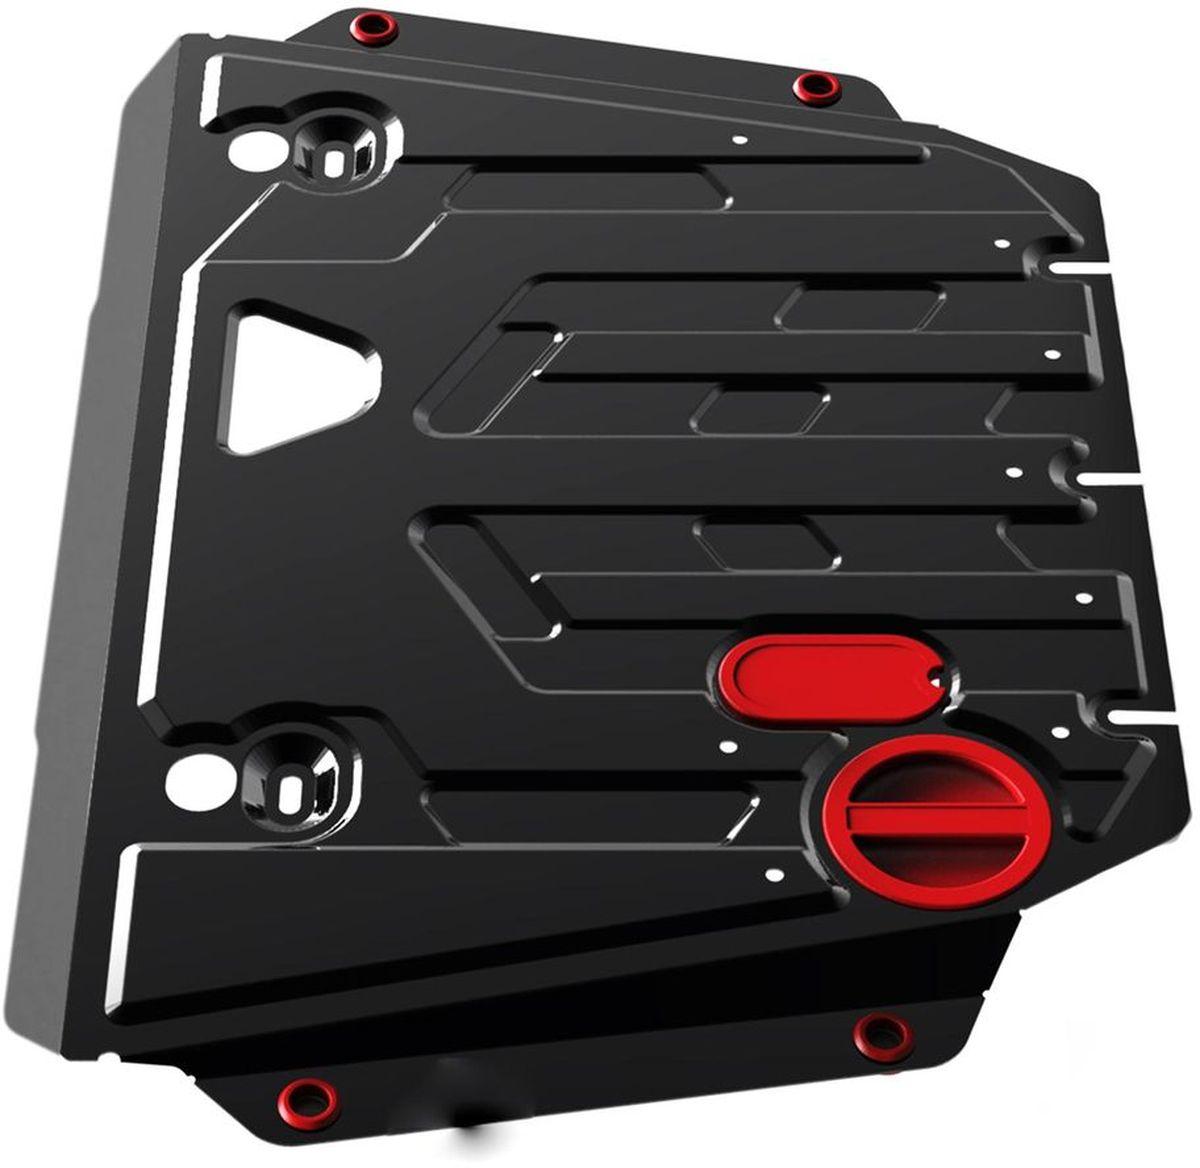 Защита картера и КПП Автоброня, для Chery M11 V - 1,6 (2008-)111.00908.2Технологически совершенный продукт за невысокую стоимость. Защита разработана с учетом особенностей днища автомобиля, что позволяет сохранить дорожный просвет с минимальным изменением. Защита устанавливается в штатные места кузова автомобиля. Глубокий штамп обеспечивает до двух раз больше жесткости в сравнении с обычной защитой той же толщины. Проштампованные ребра жесткости препятствуют деформации защиты при ударах. Тепловой зазор и вентиляционные отверстия обеспечивают сохранение температурного режима двигателя в норме. Скрытый крепеж предотвращает срыв крепежных элементов при наезде на препятствие. Шумопоглощающие резиновые элементы обеспечивают комфортную езду без вибраций и скрежета металла, а съемные лючки для слива масла и замены фильтра - экономию средств и время. Конструкция изделия не влияет на пассивную безопасность автомобиля (при ударе защита не воздействует на деформационные зоны кузова). Со штатным крепежом. В комплекте инструкция по установке....